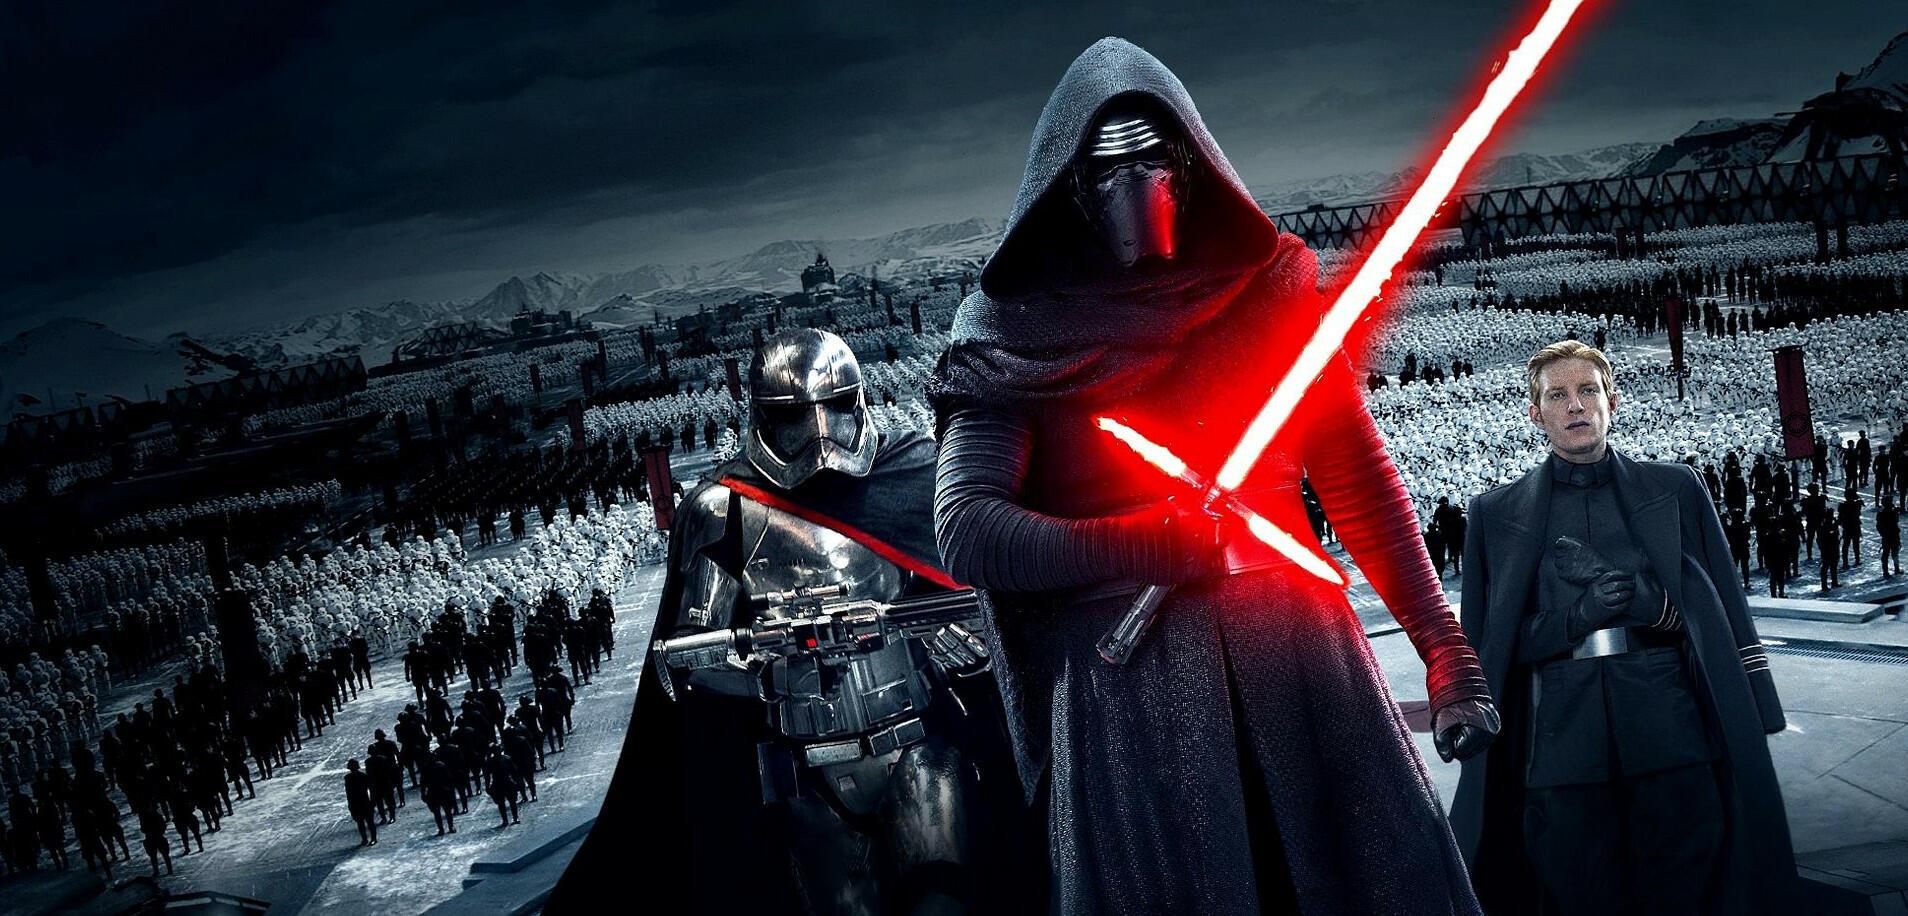 Star Wars 7 - Erste Theorie zum Schicksal von Kylo Ren